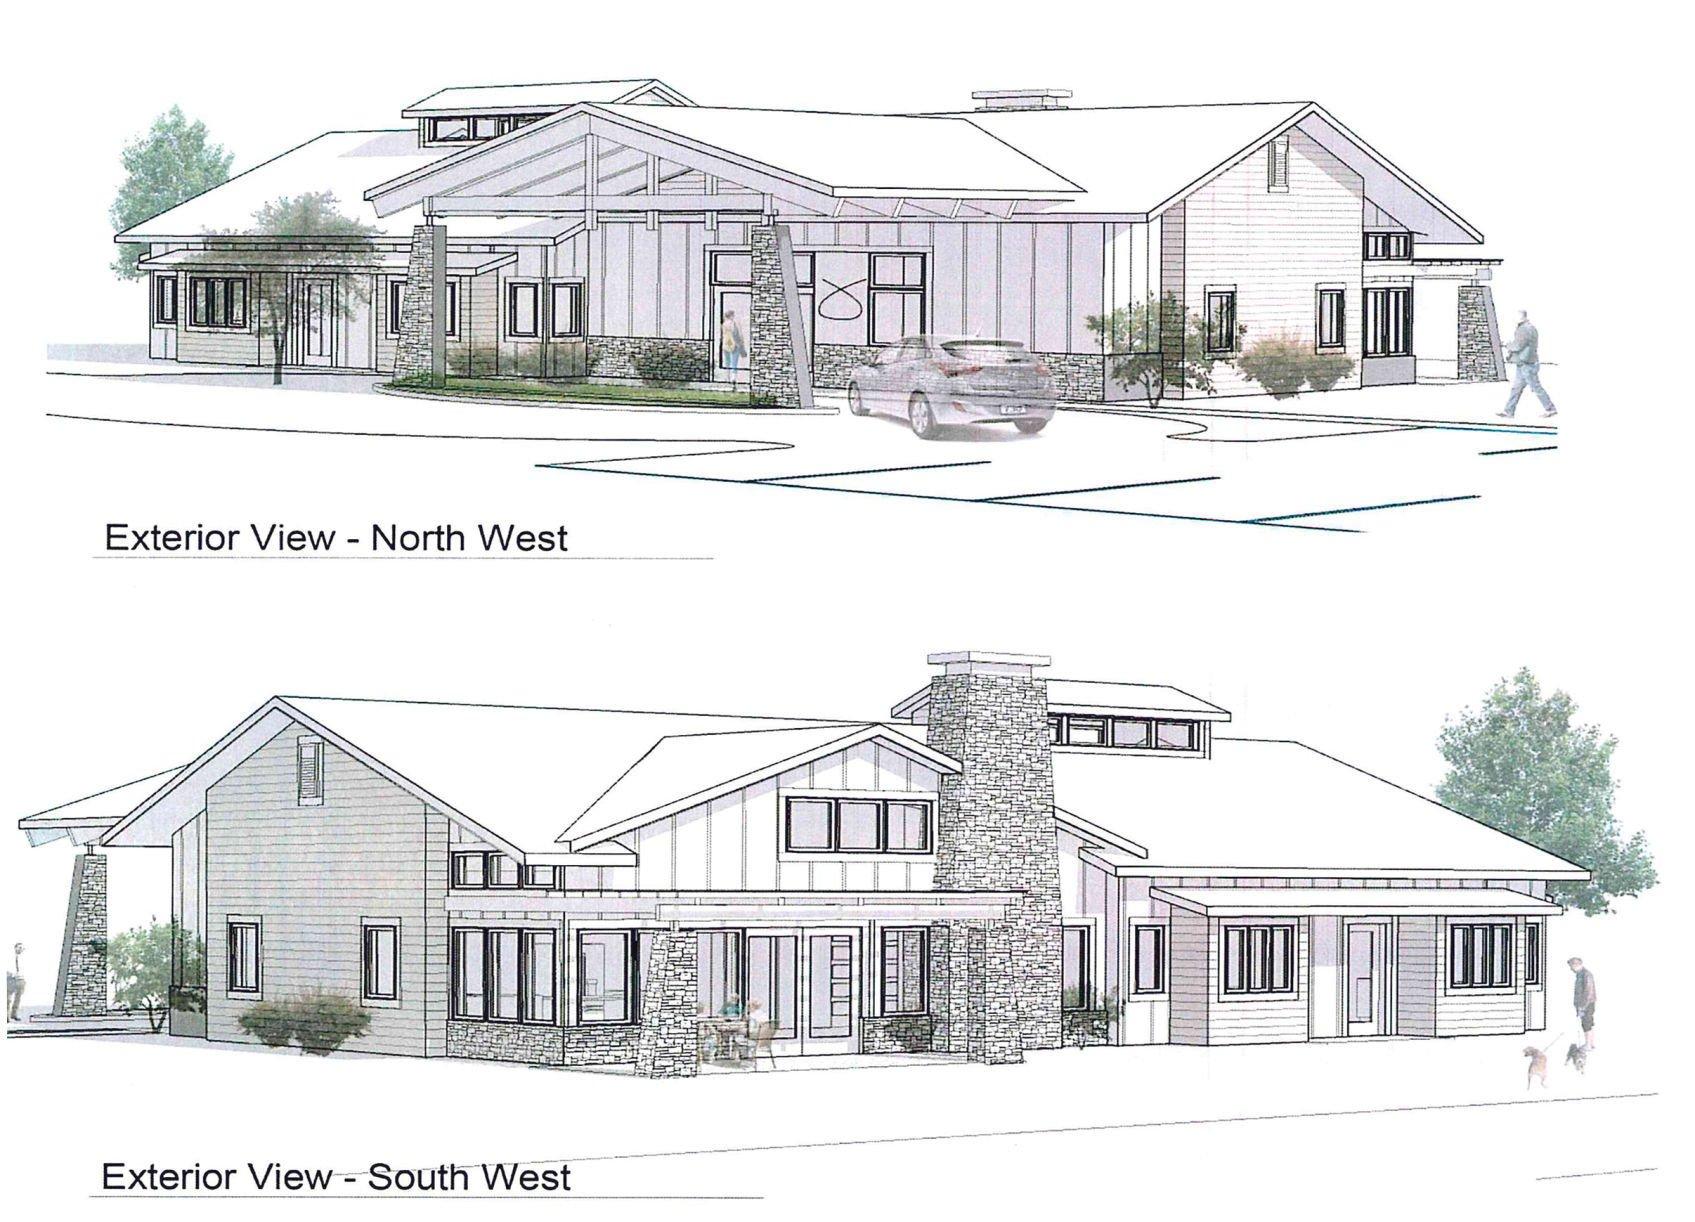 Anaconda hospital to build $1-million hospice facility